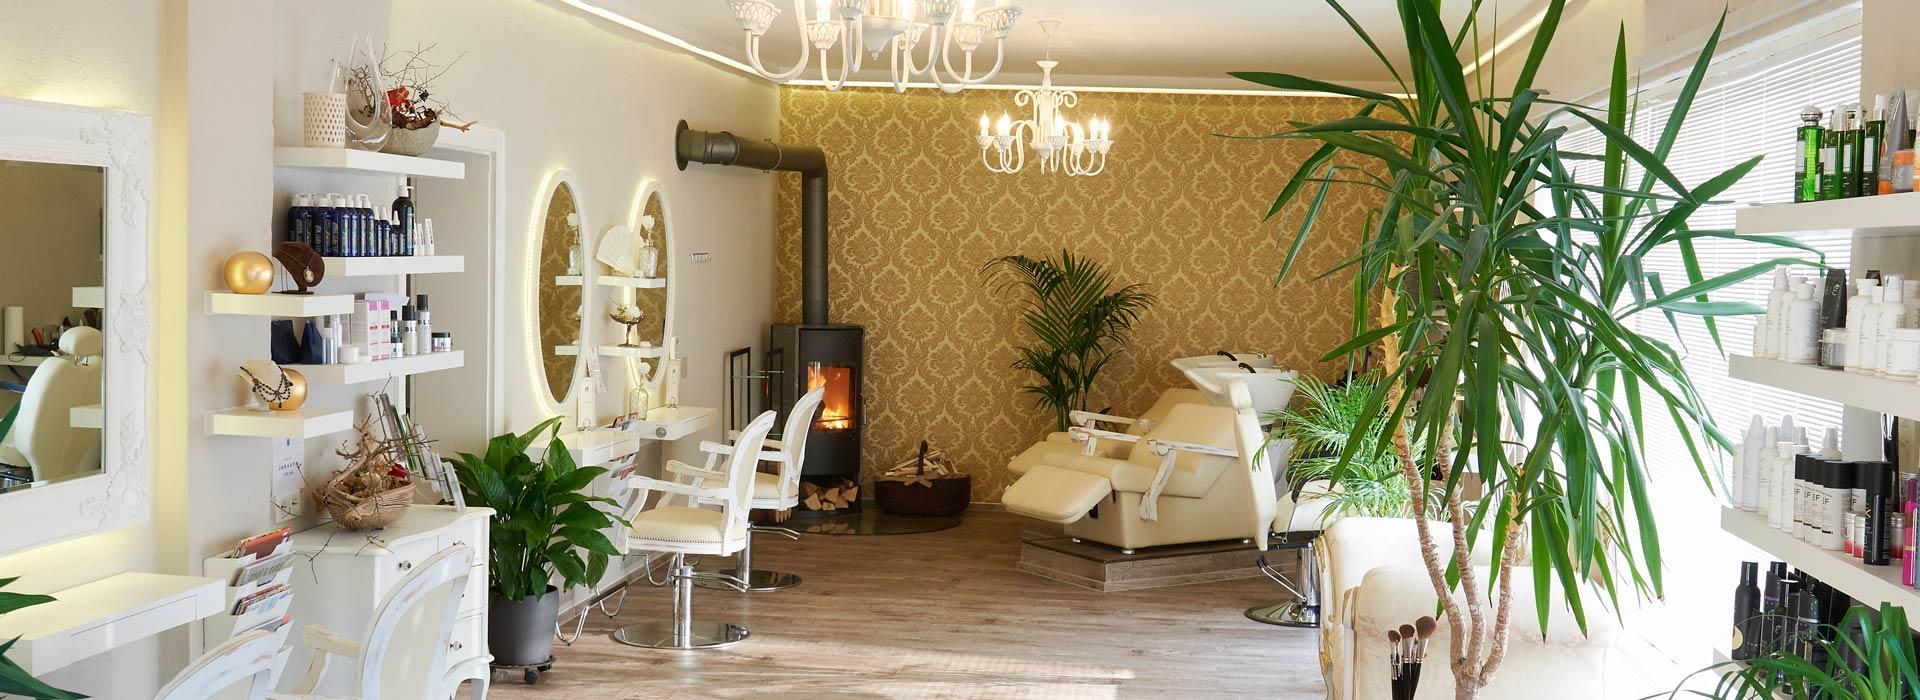 Janaspa in Straubing - Friseur, Kosmetik, Massagen und mehr